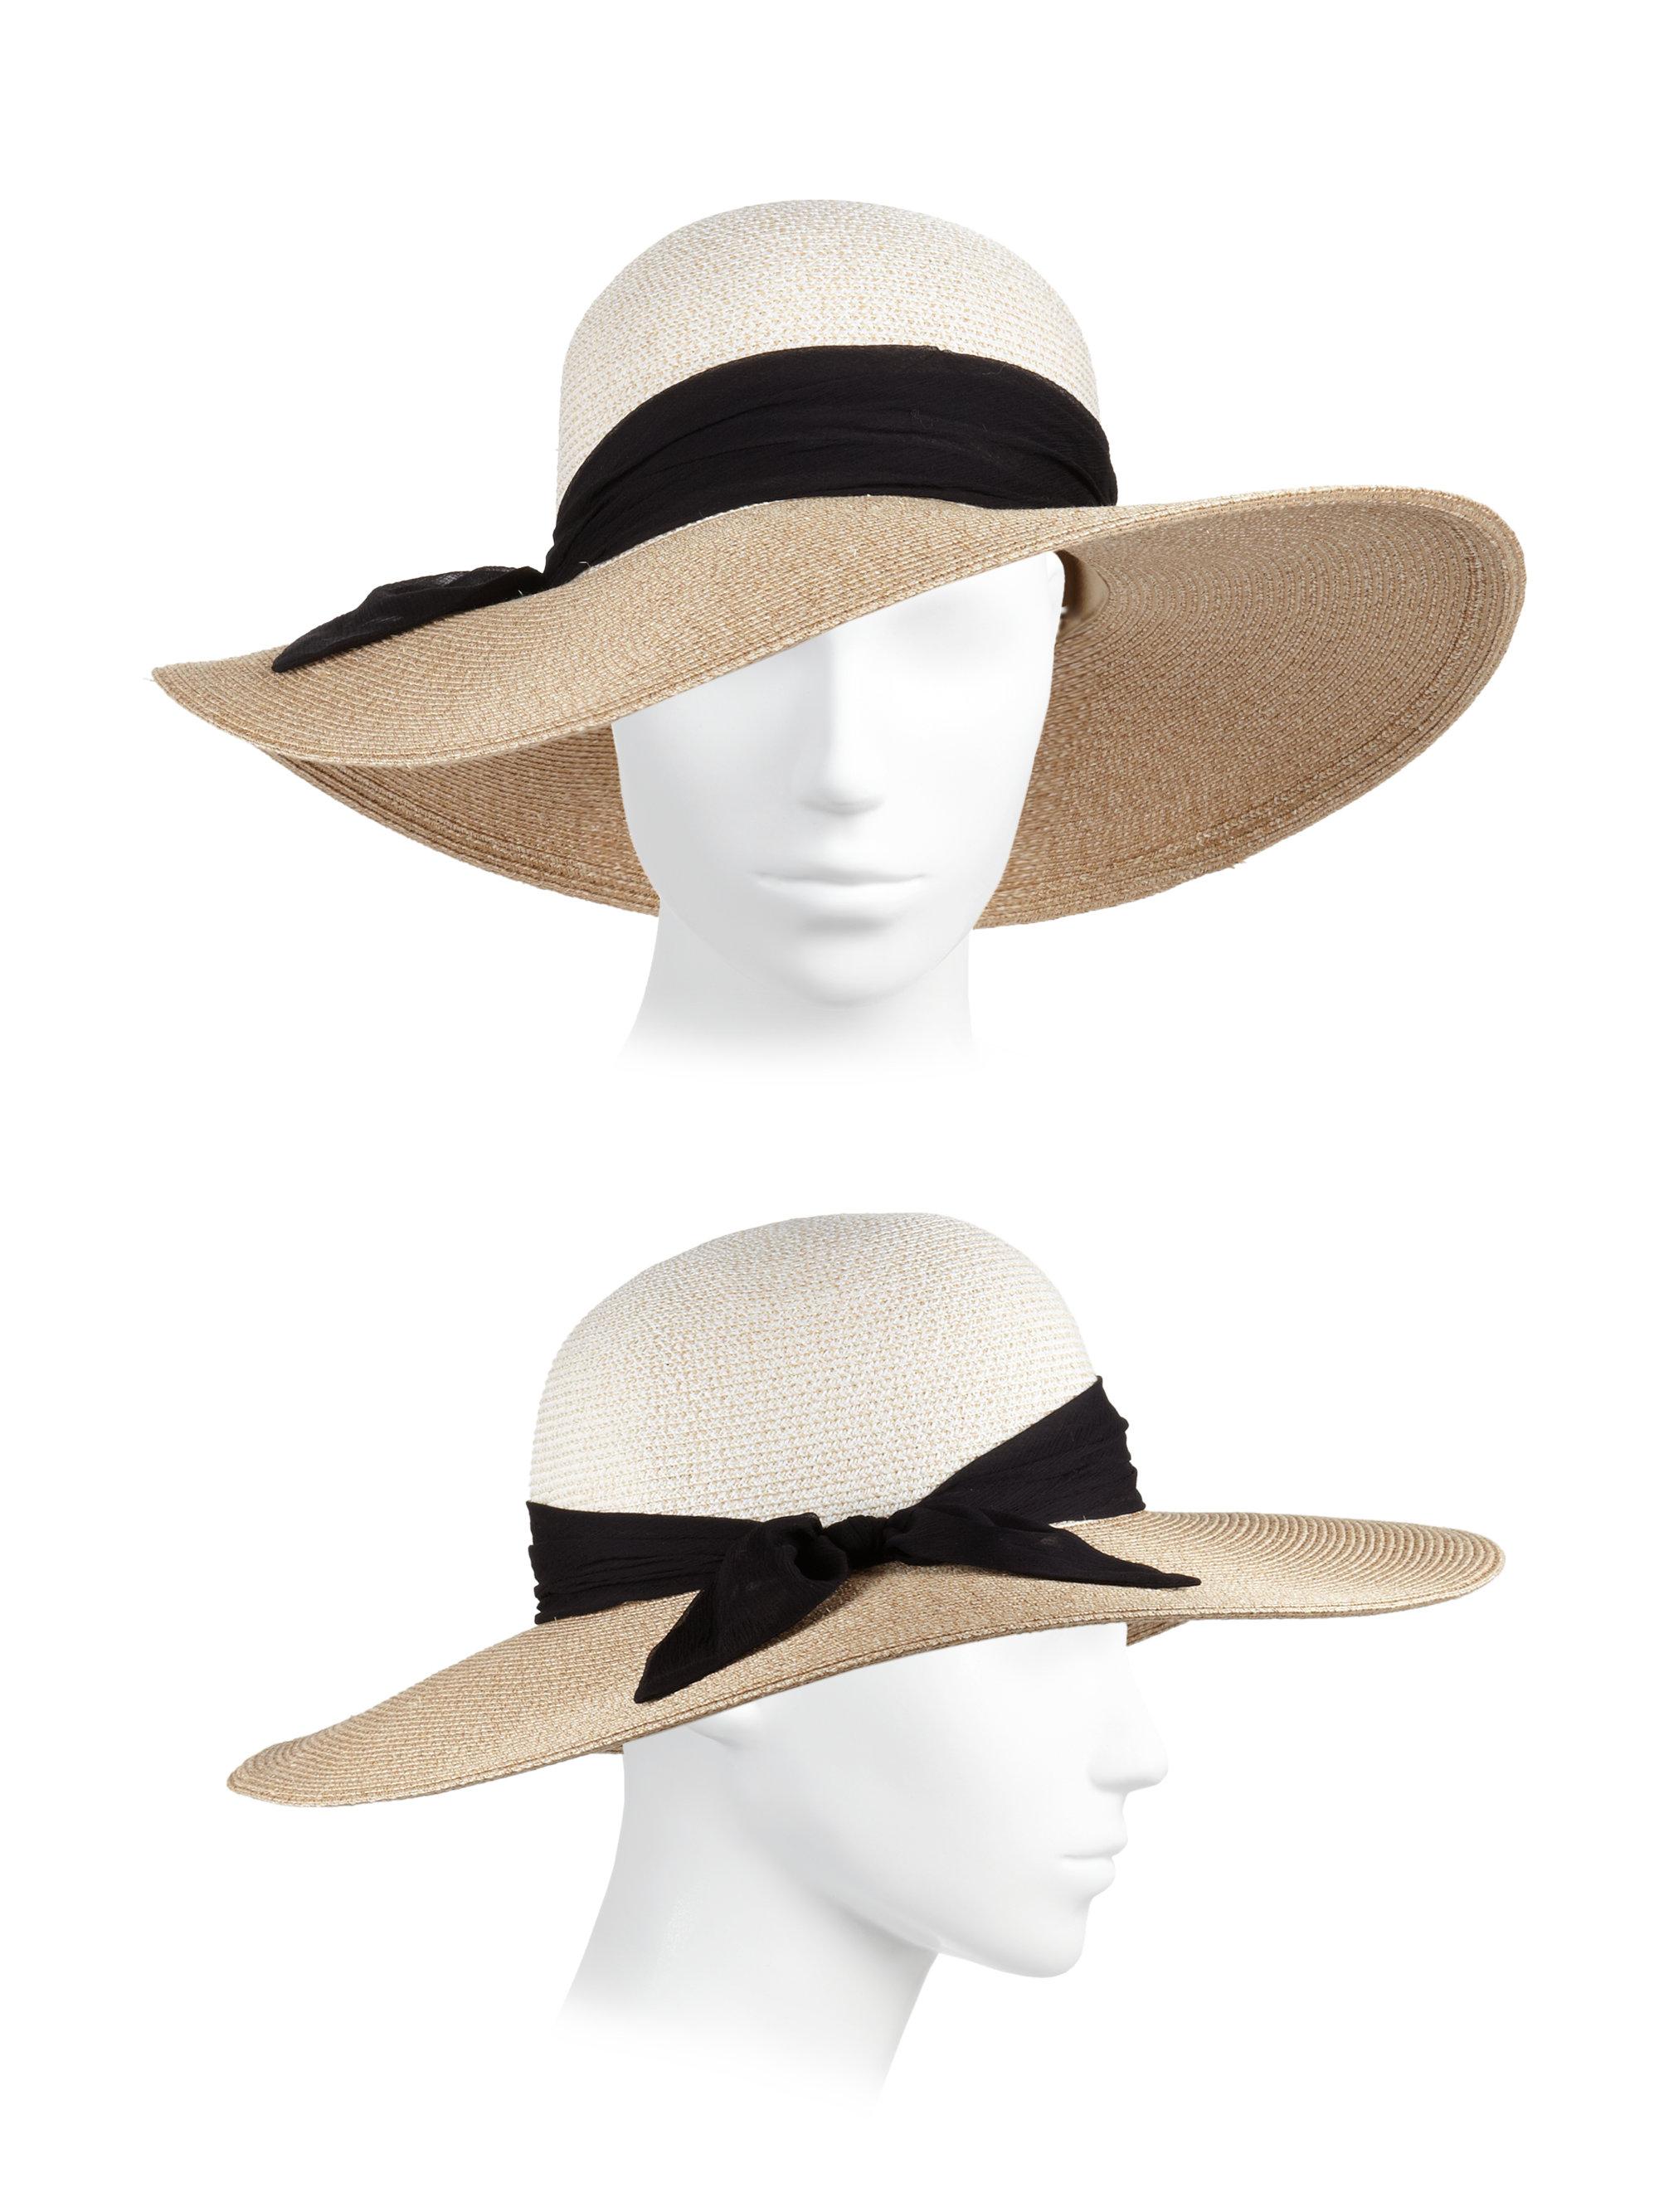 2c3a9f52f8817 Eugenia Kim Honey Wide-brim Sun Hat in Natural - Lyst